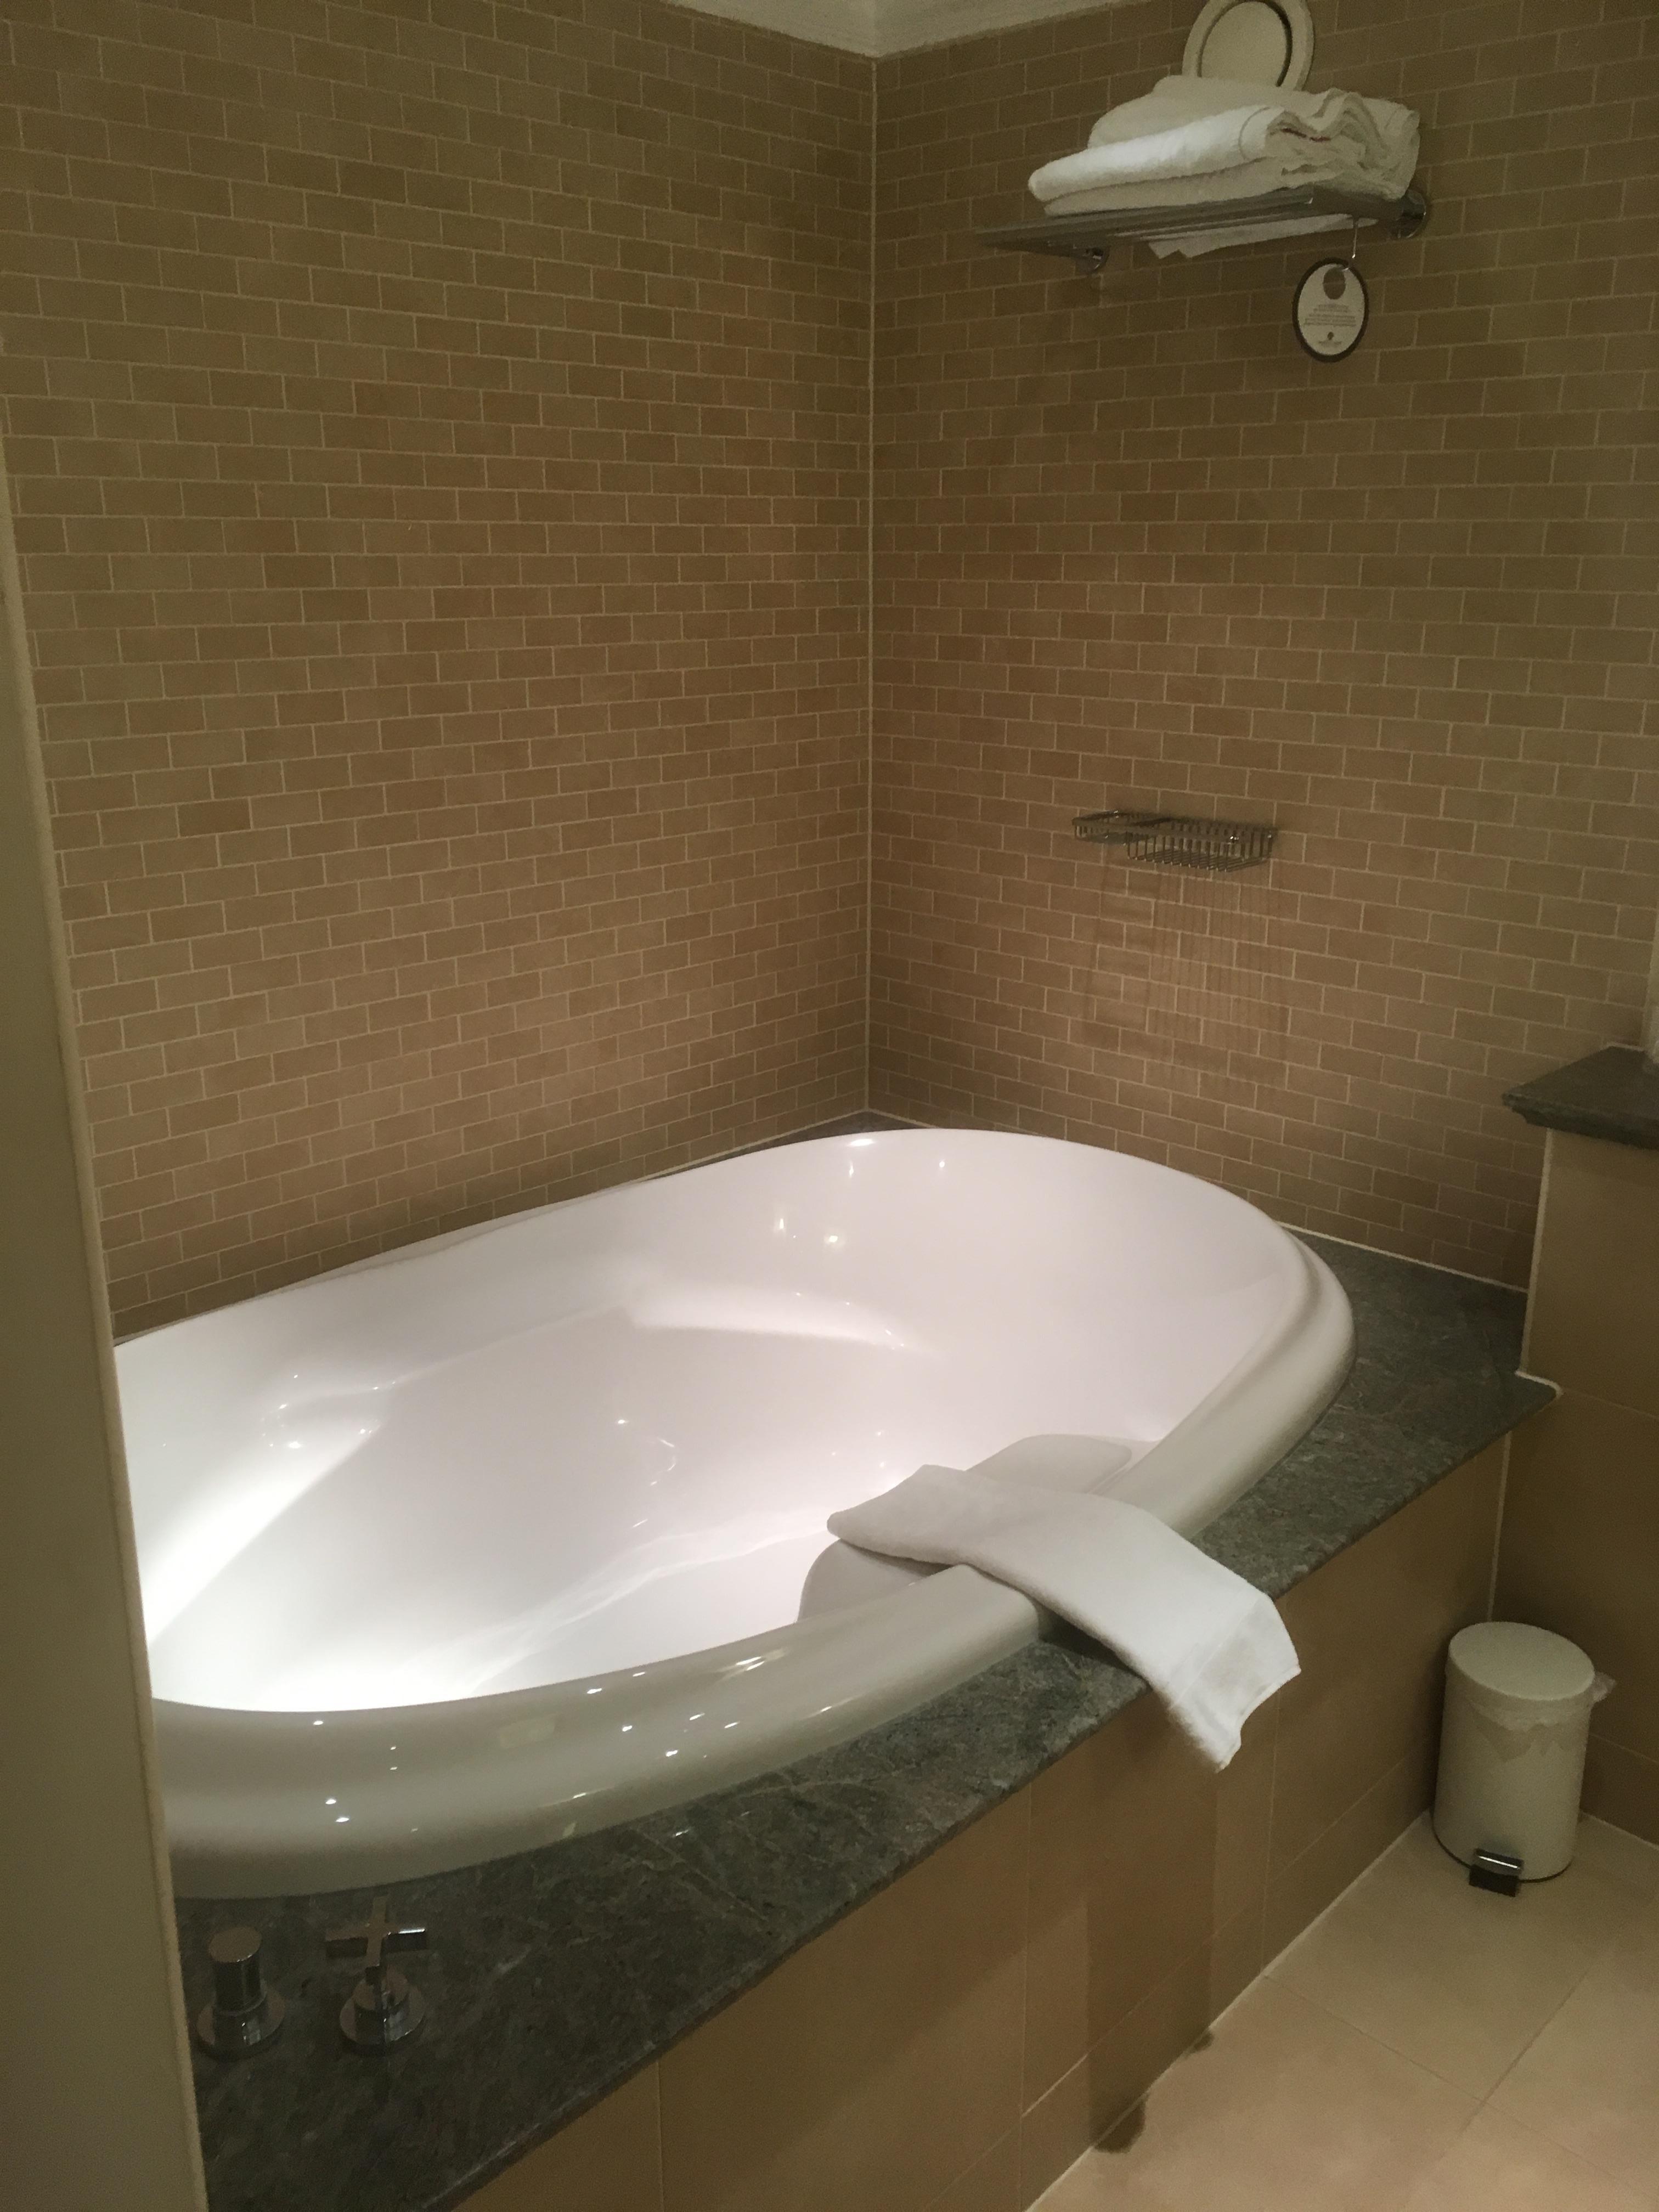 Biggest Bathtub. Perfect My Boyfriend Owes A Me A Mini Localish ...